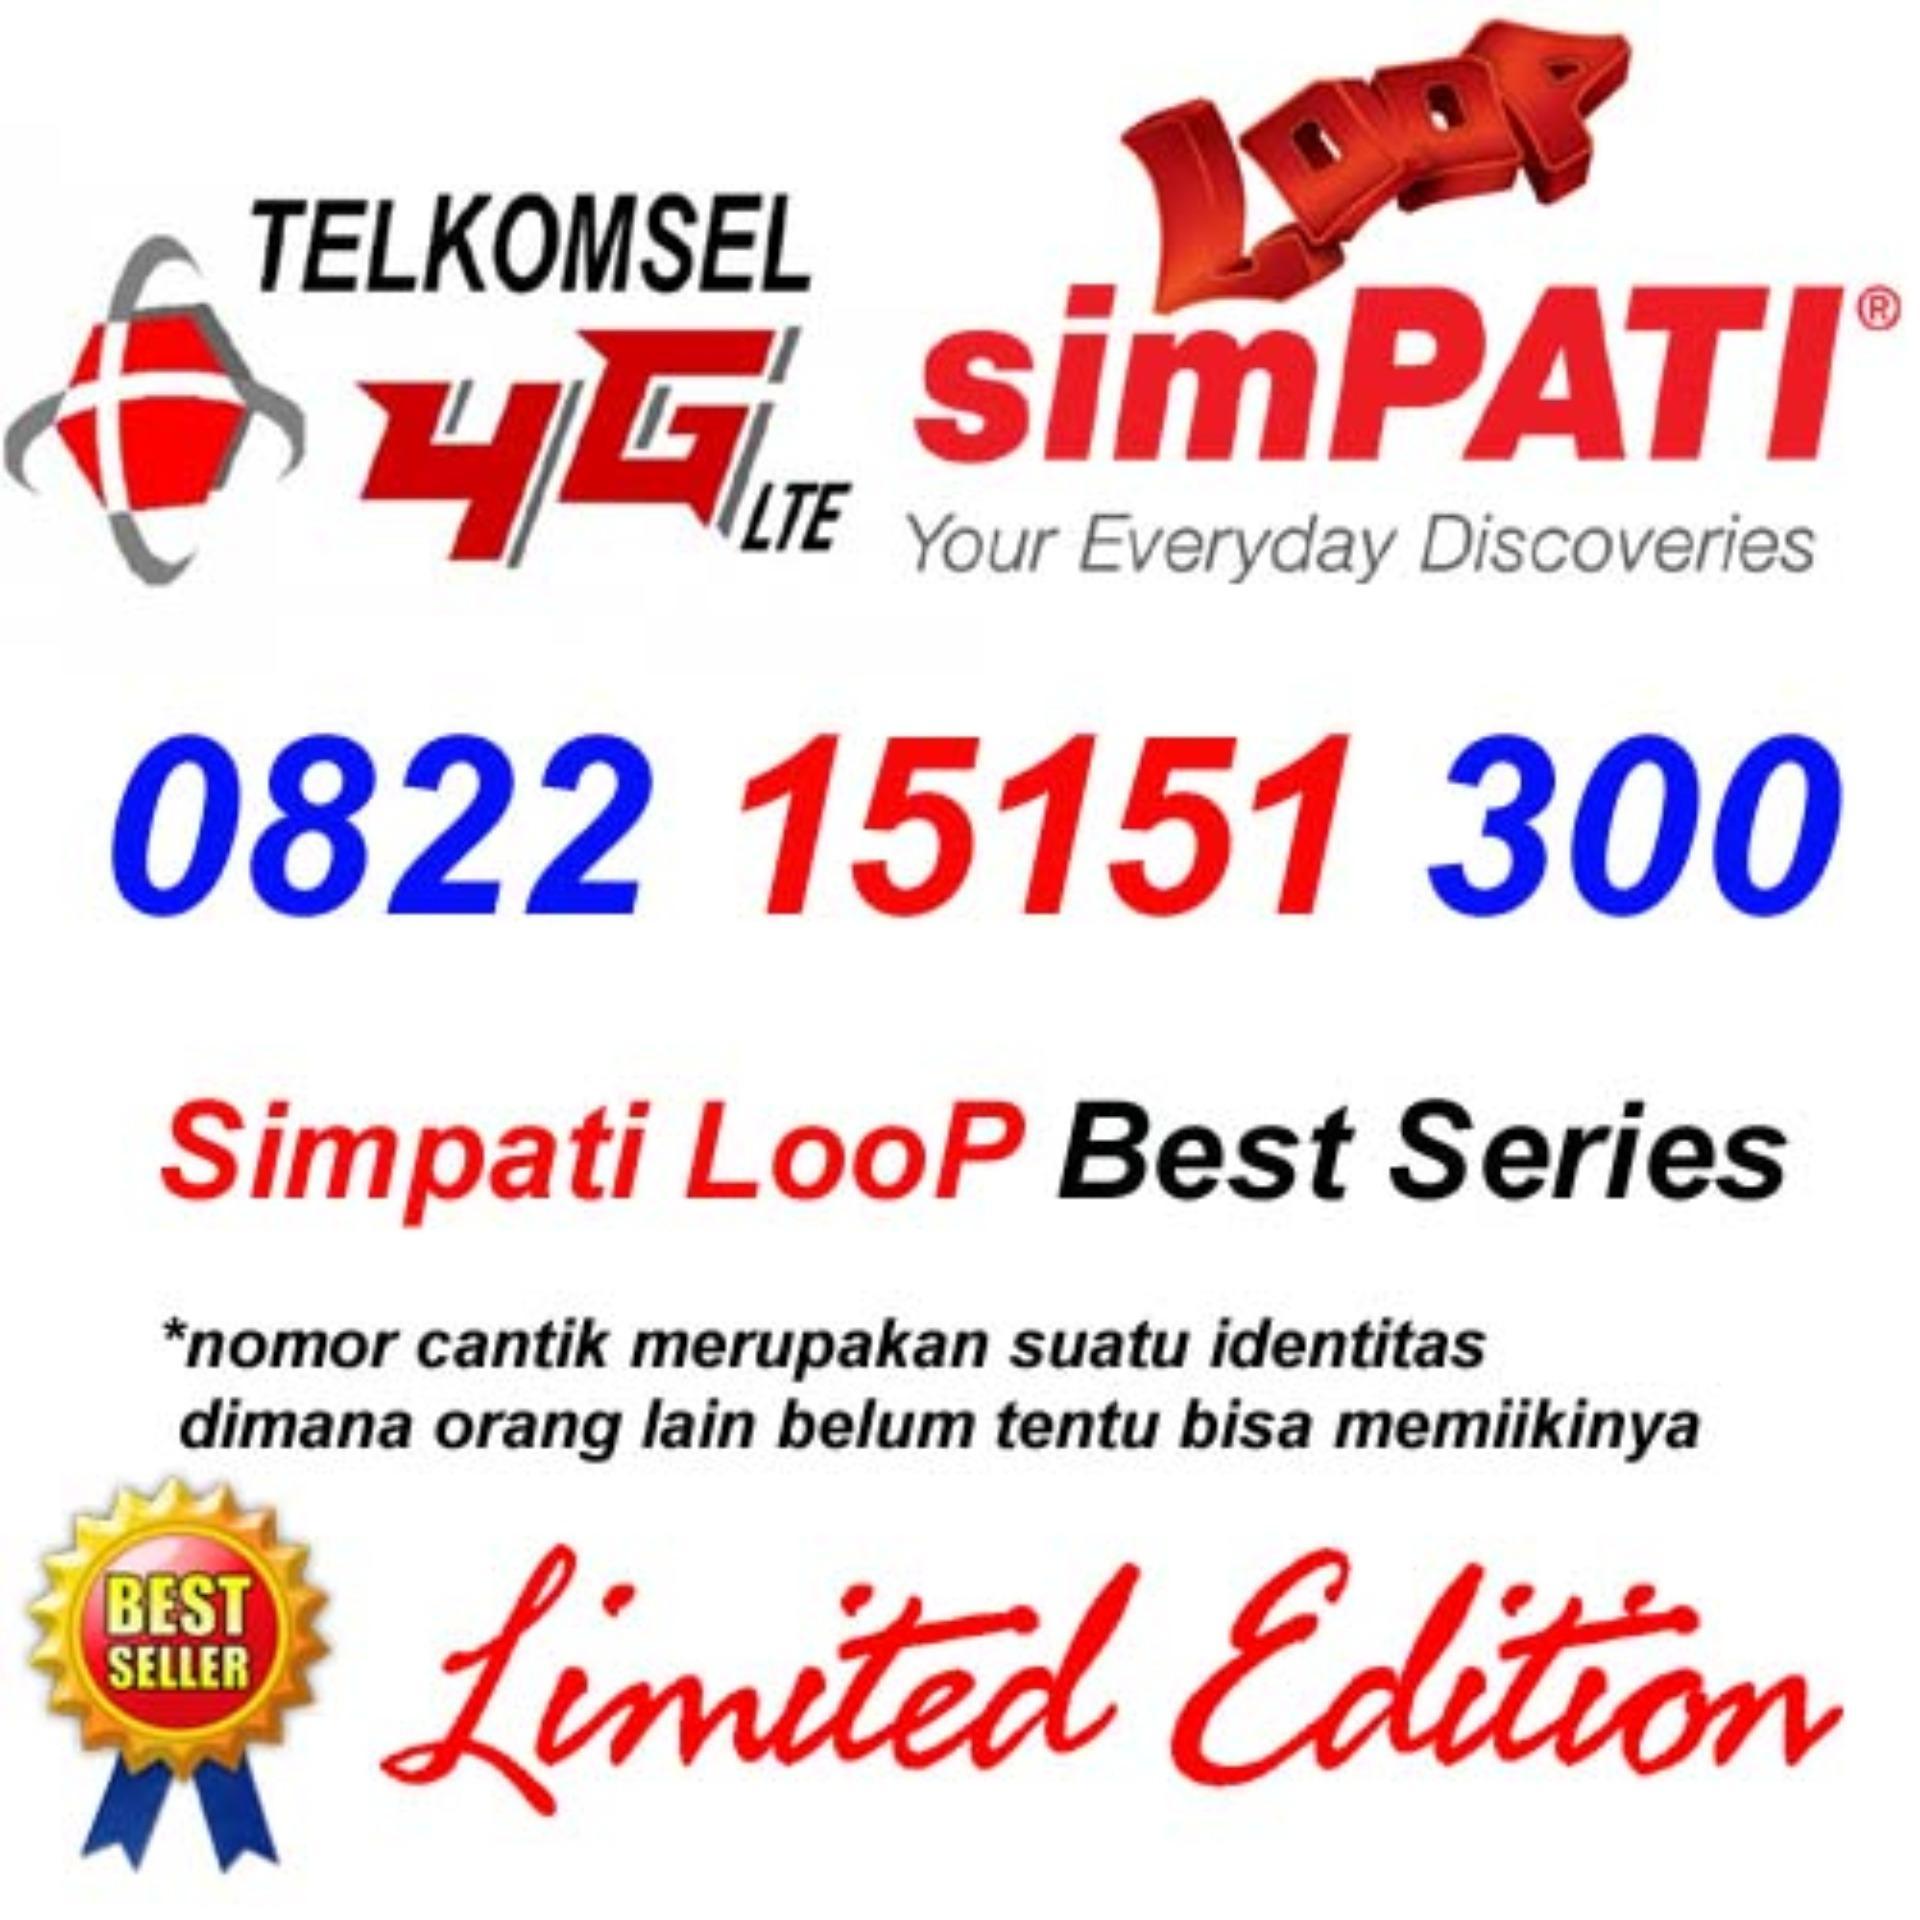 Telkomsel Simpati Loop 4G Lte 0822 15151 300 Kartu Perdana Nomor Cantik